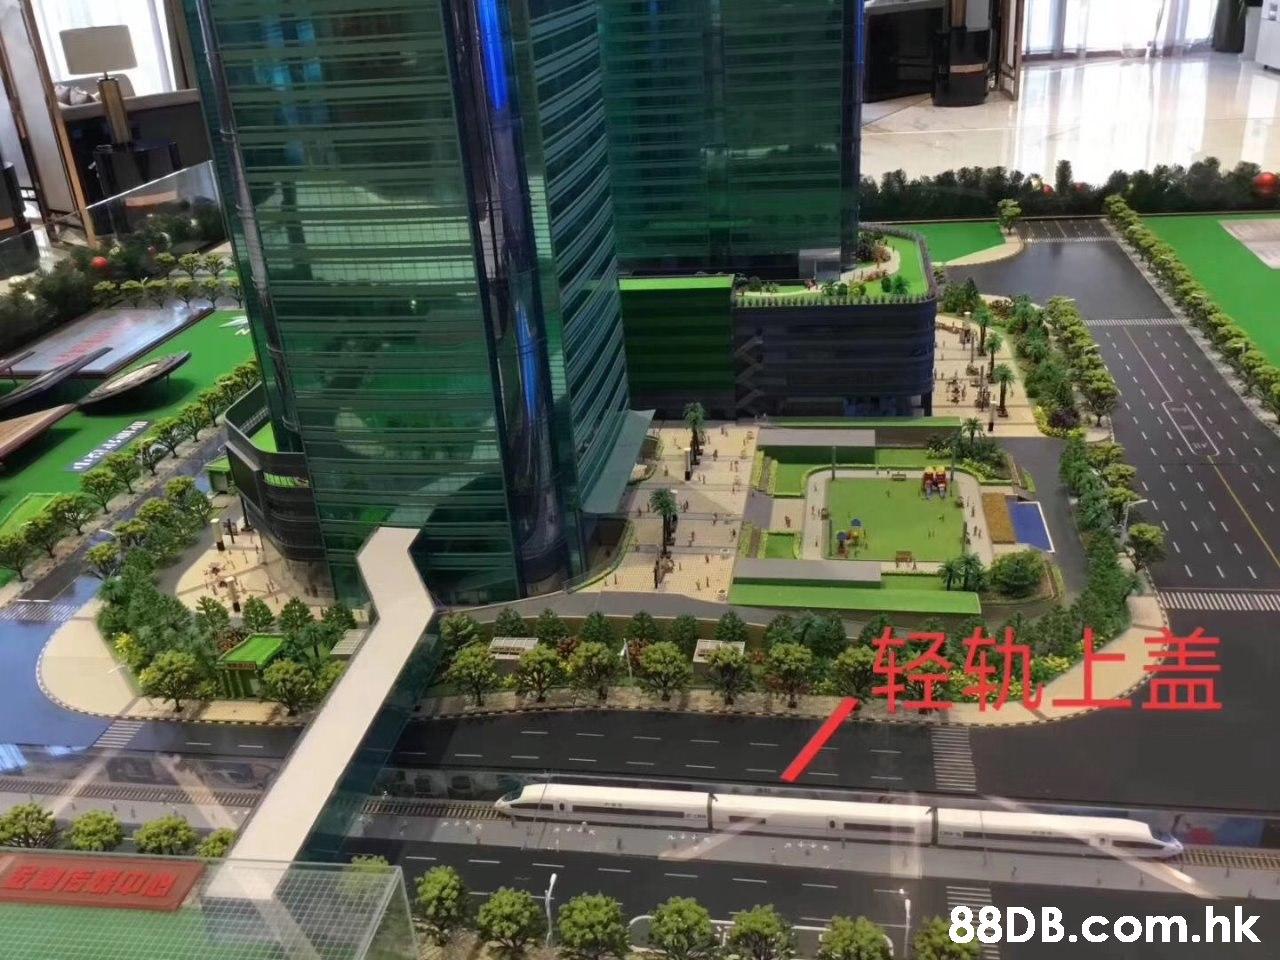 .hk HE  Scale model,Urban design,Architecture,Condominium,Building